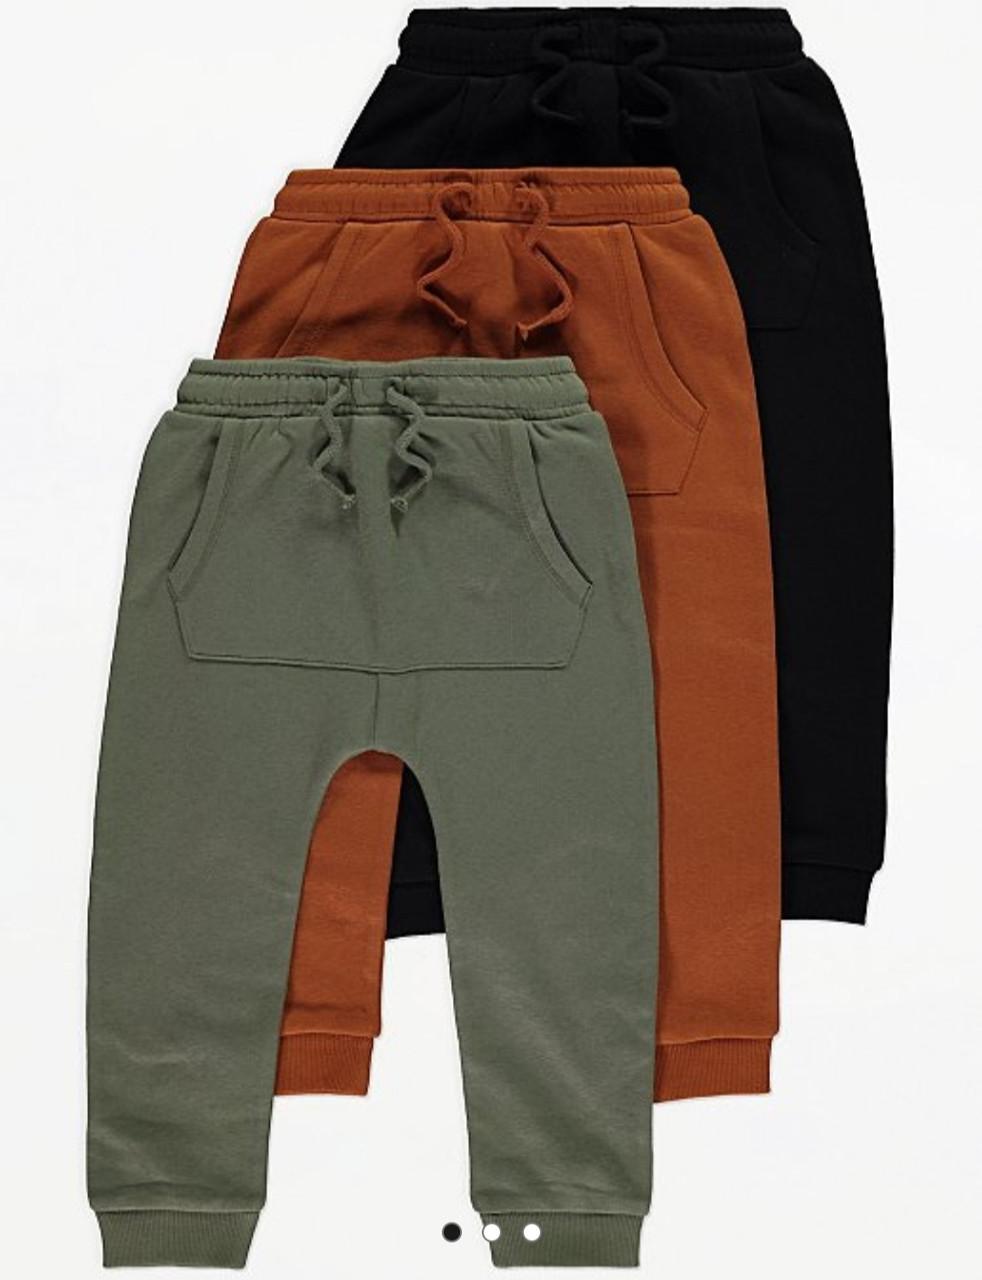 Спортивные штаны с начесом George (Англия) р.92см (1,5-2года)